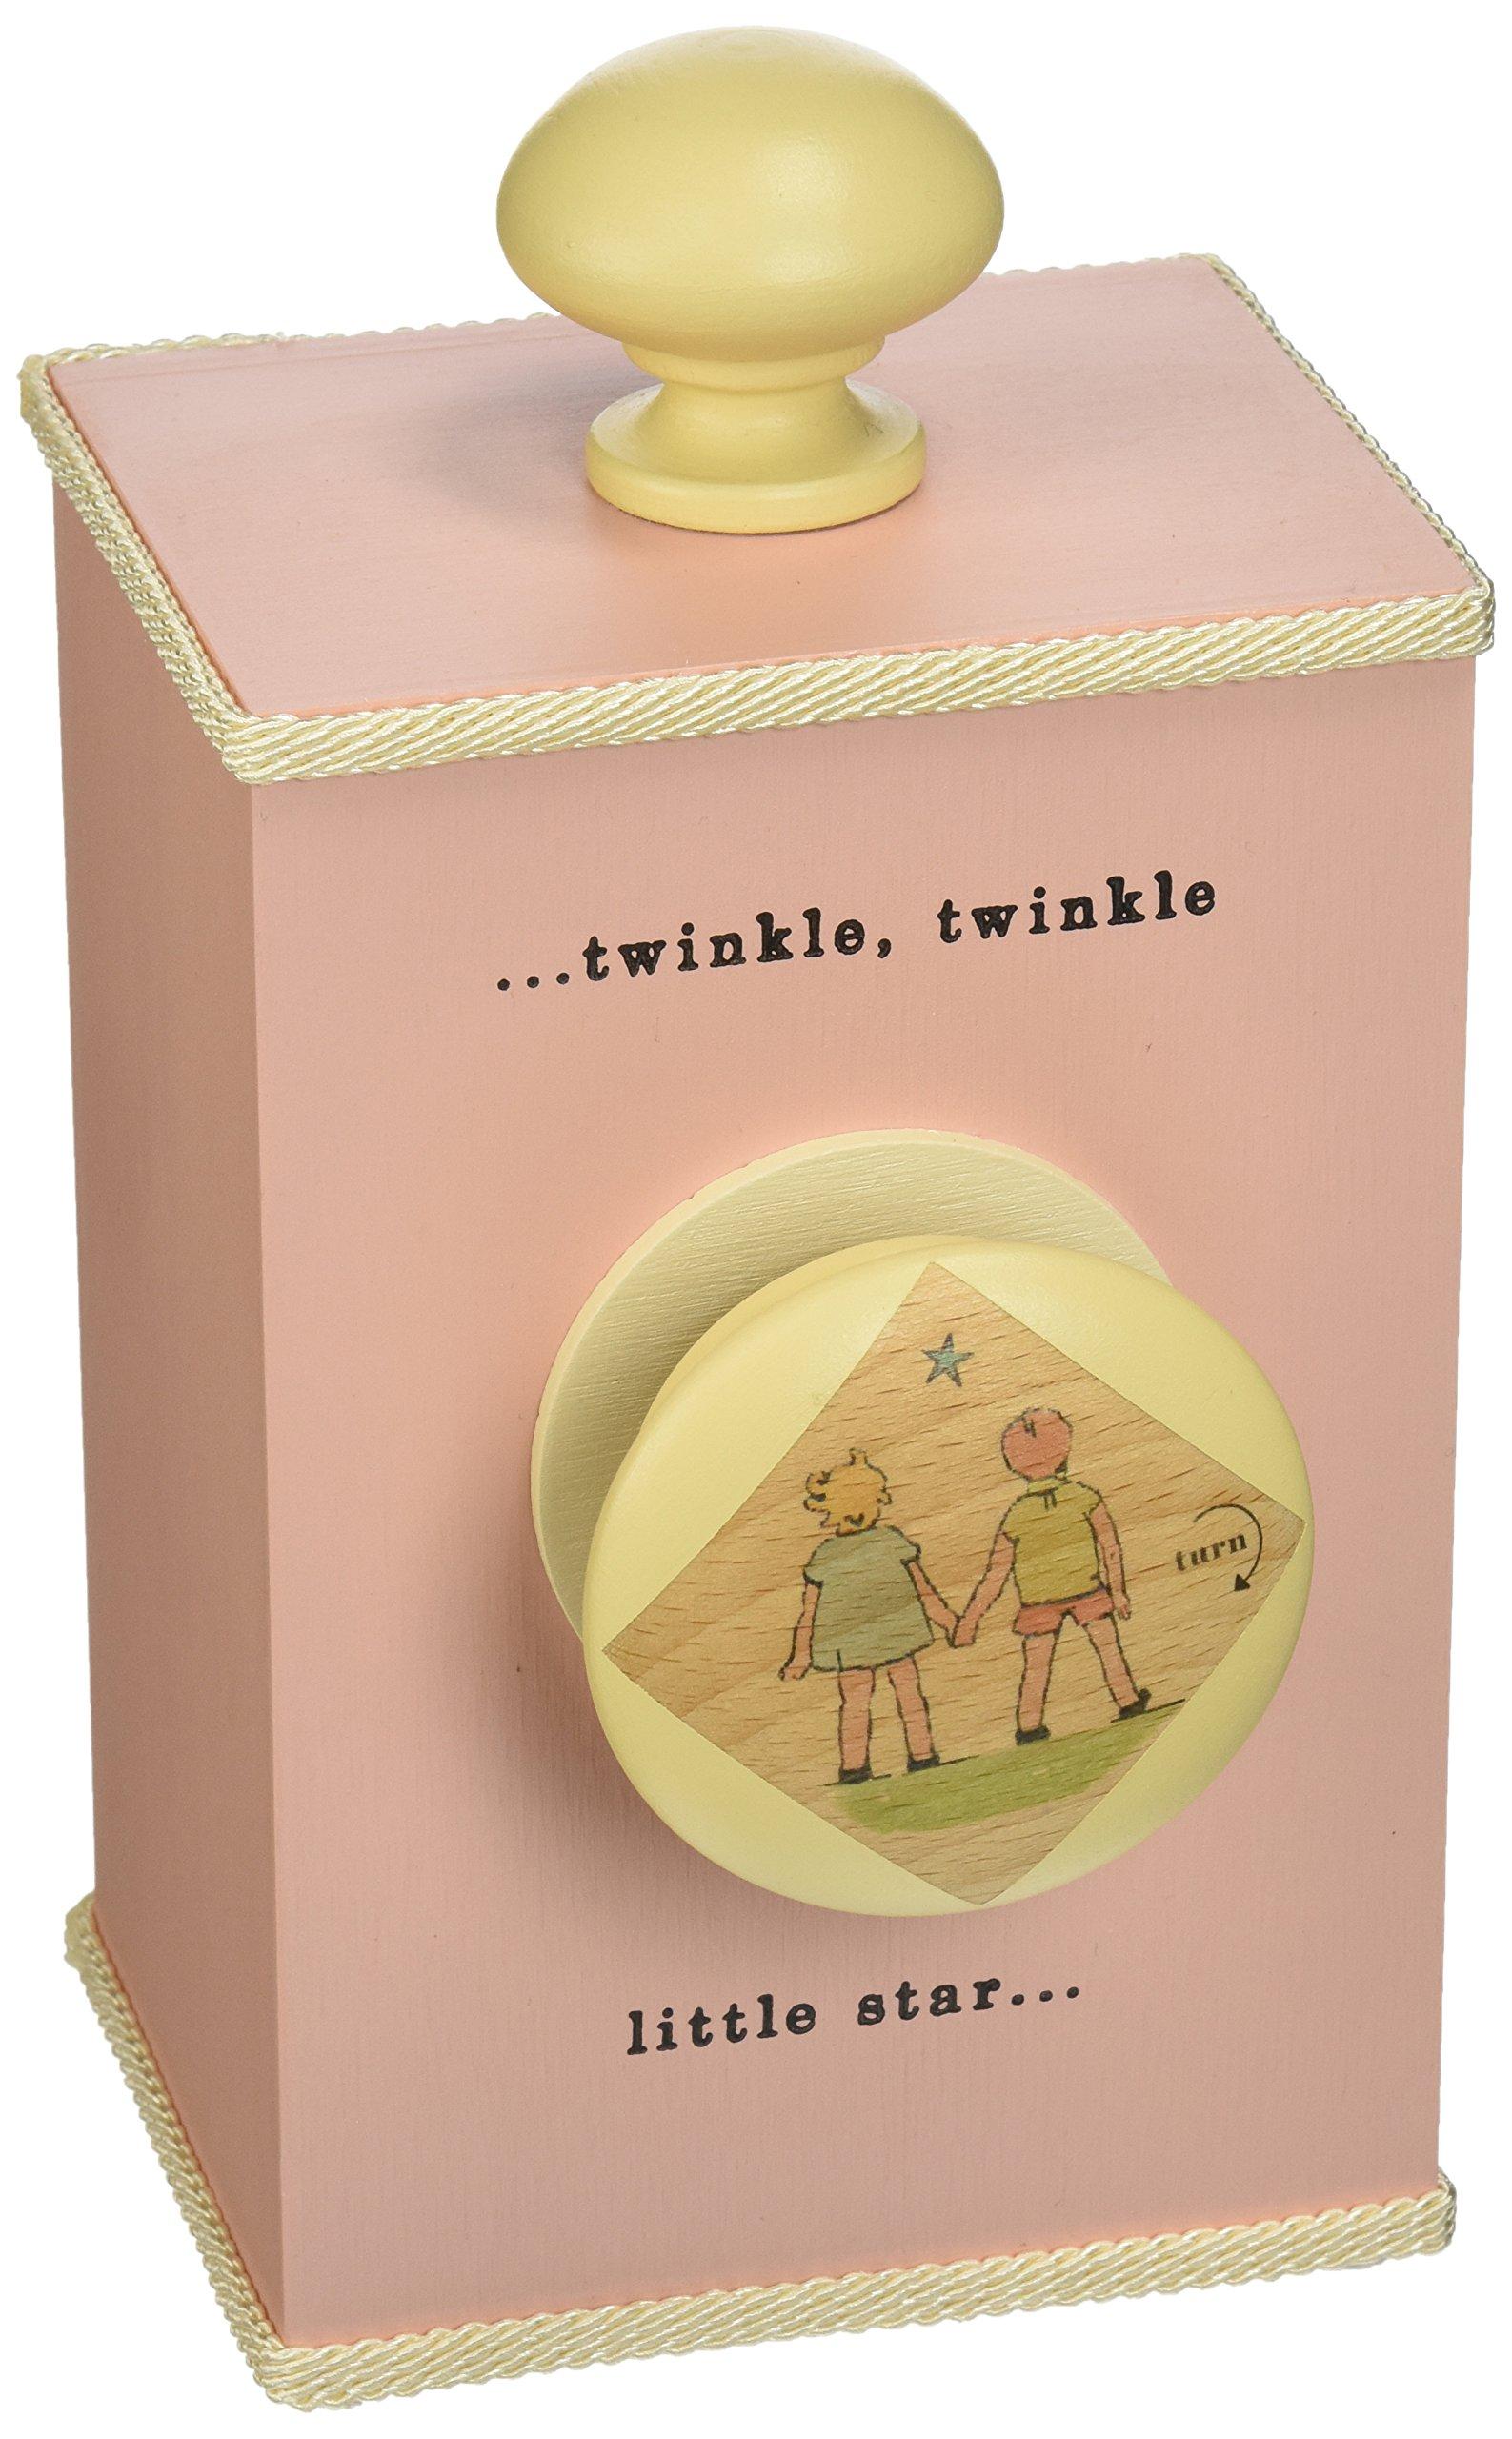 Tree by Kerri Lee Windup Music Box, Twinkle by Tree by Kerri Lee